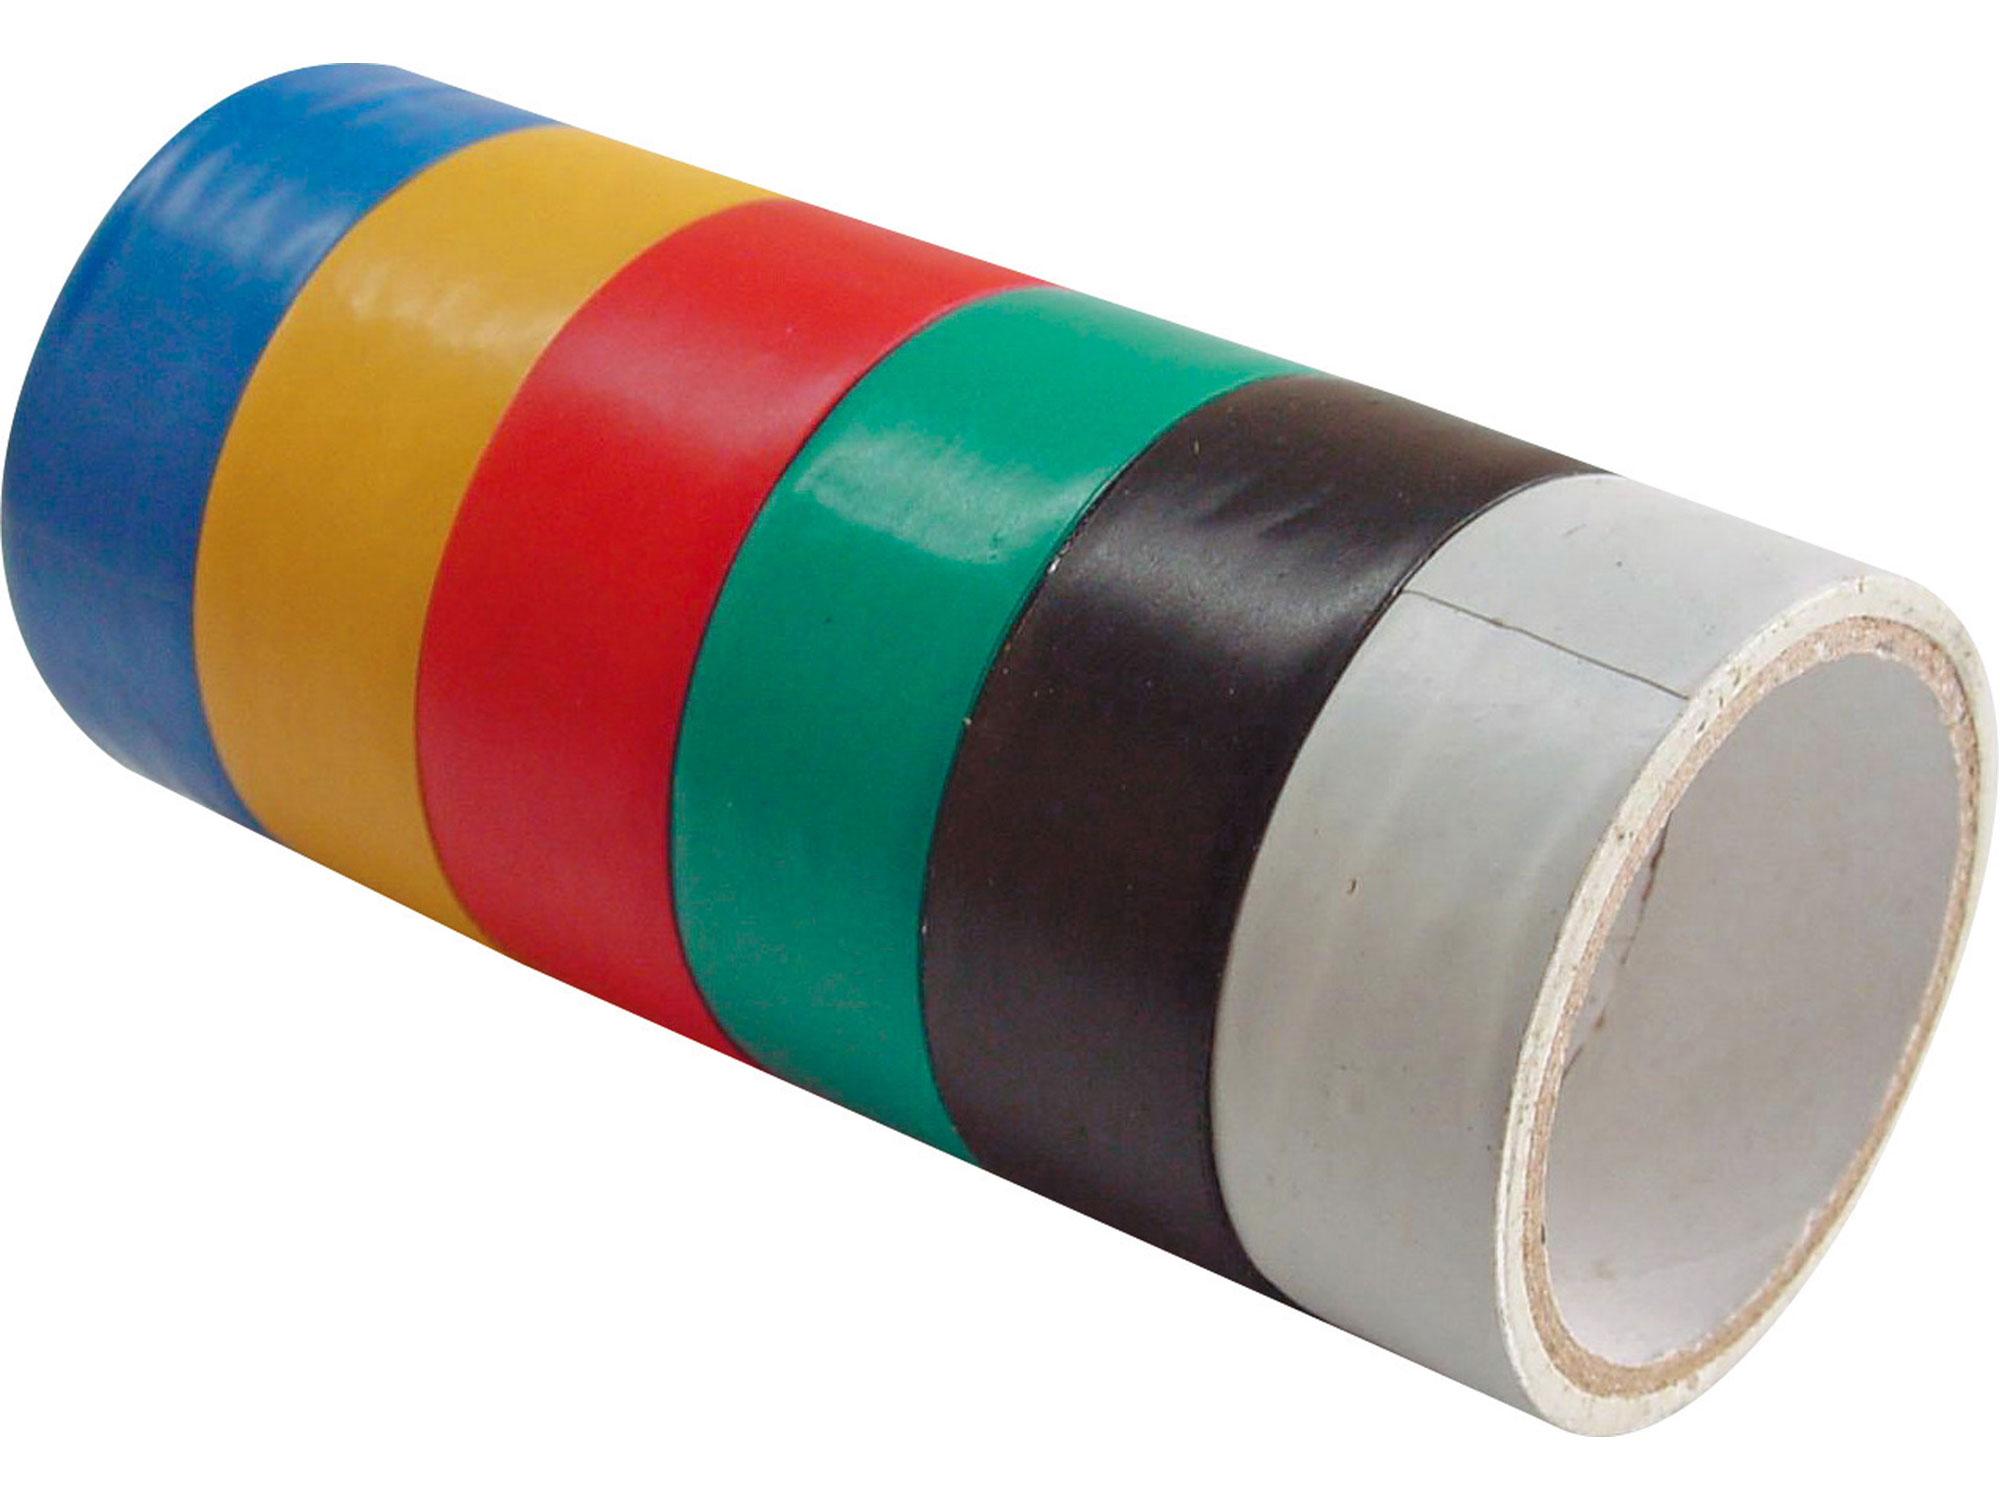 Pásky izolační PVC, sada 6ks, 19mm x 18m , (3m x 6ks) EXTOL CRAFT 9550